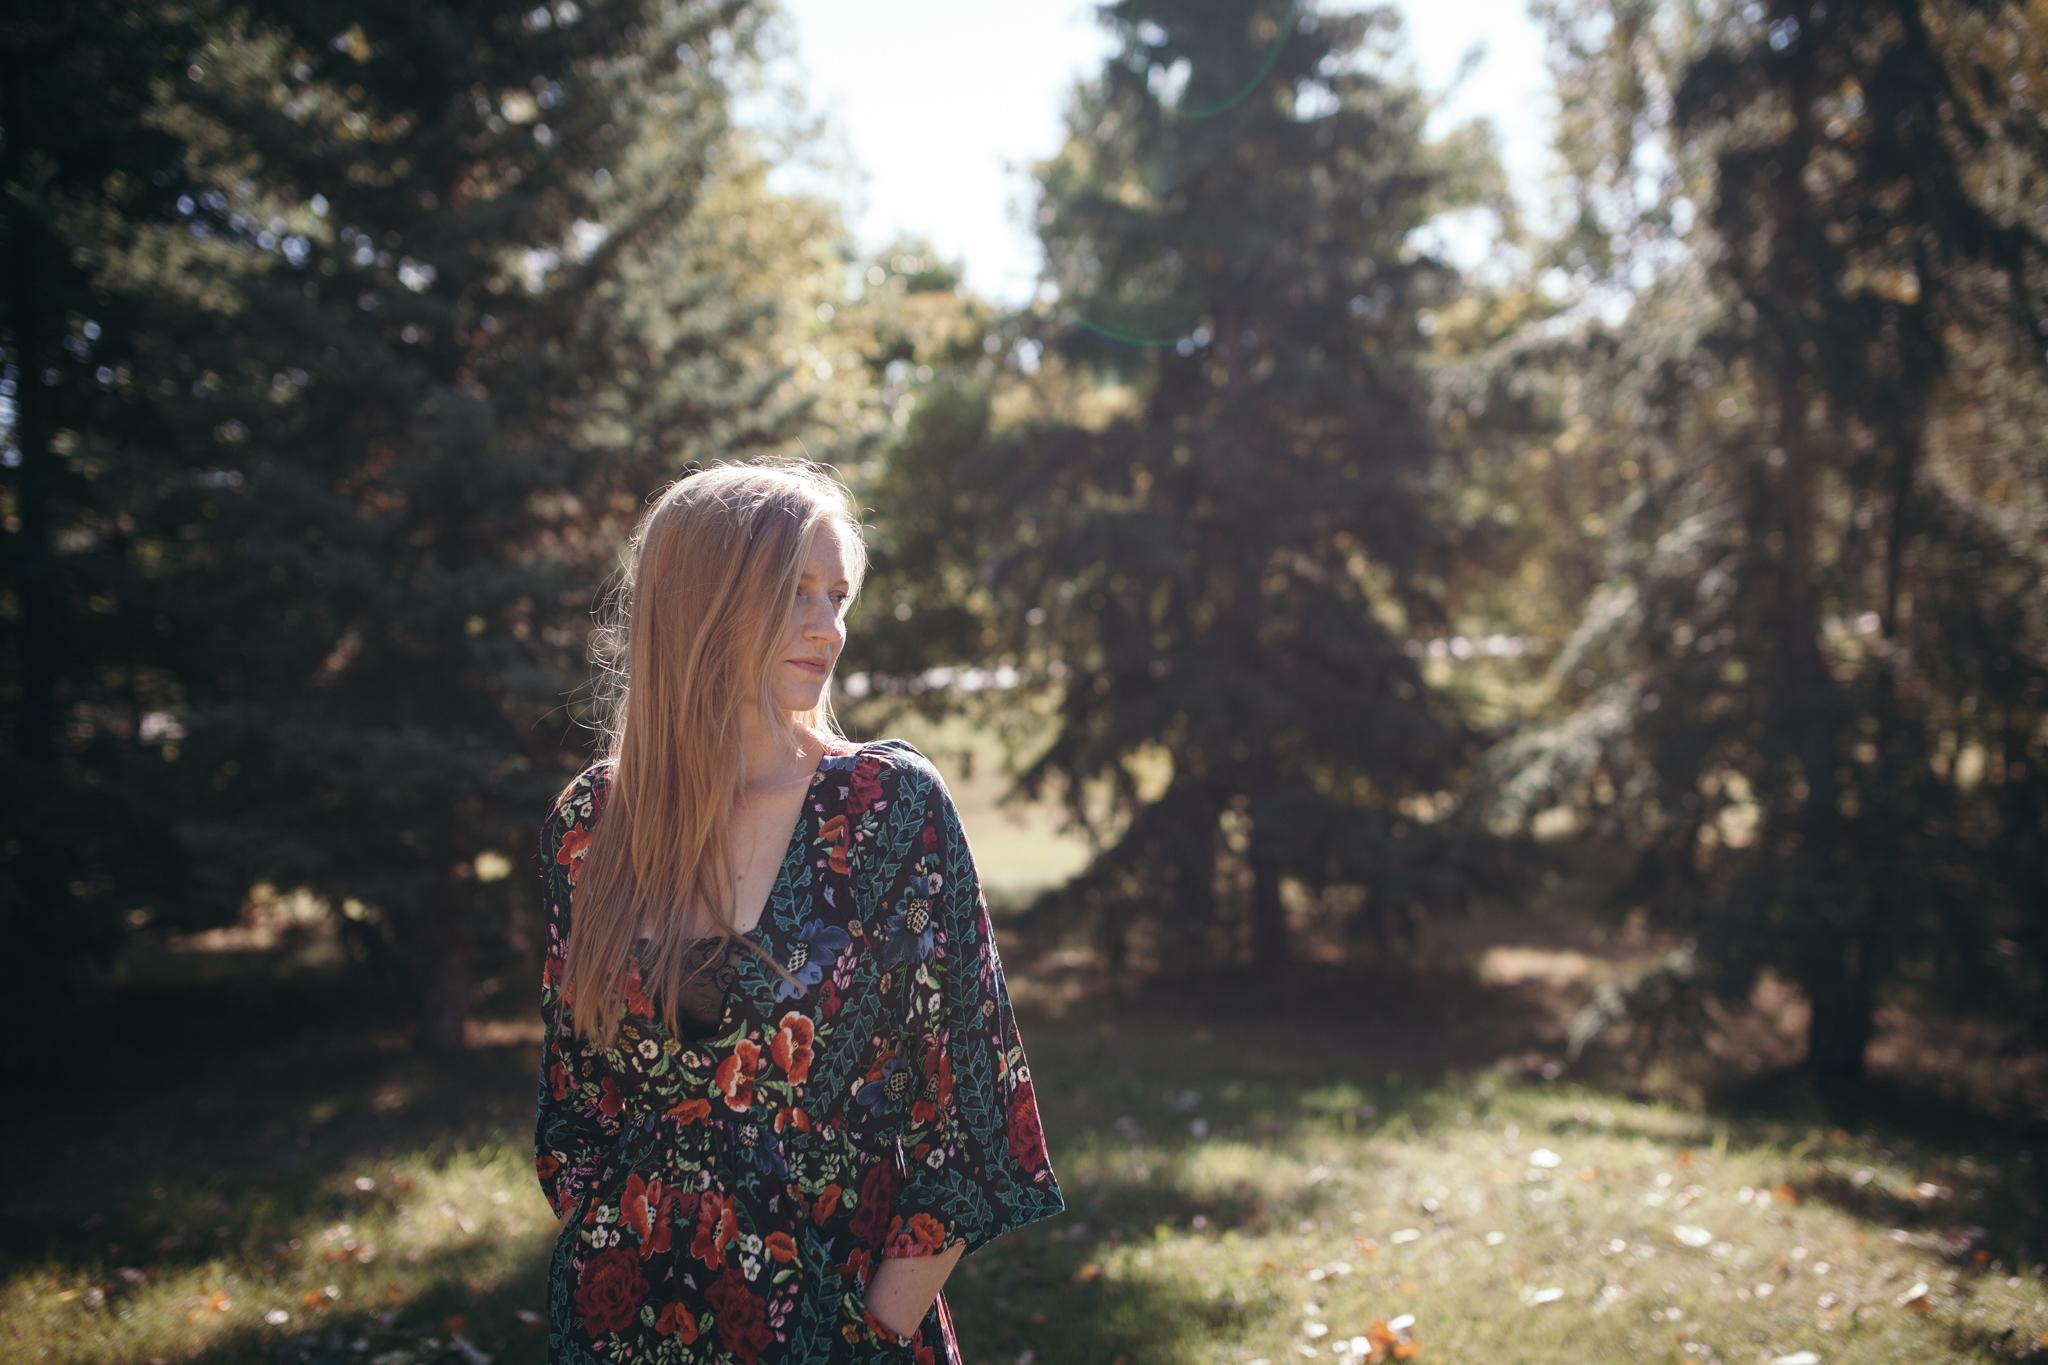 Susan_V-300-22.jpg